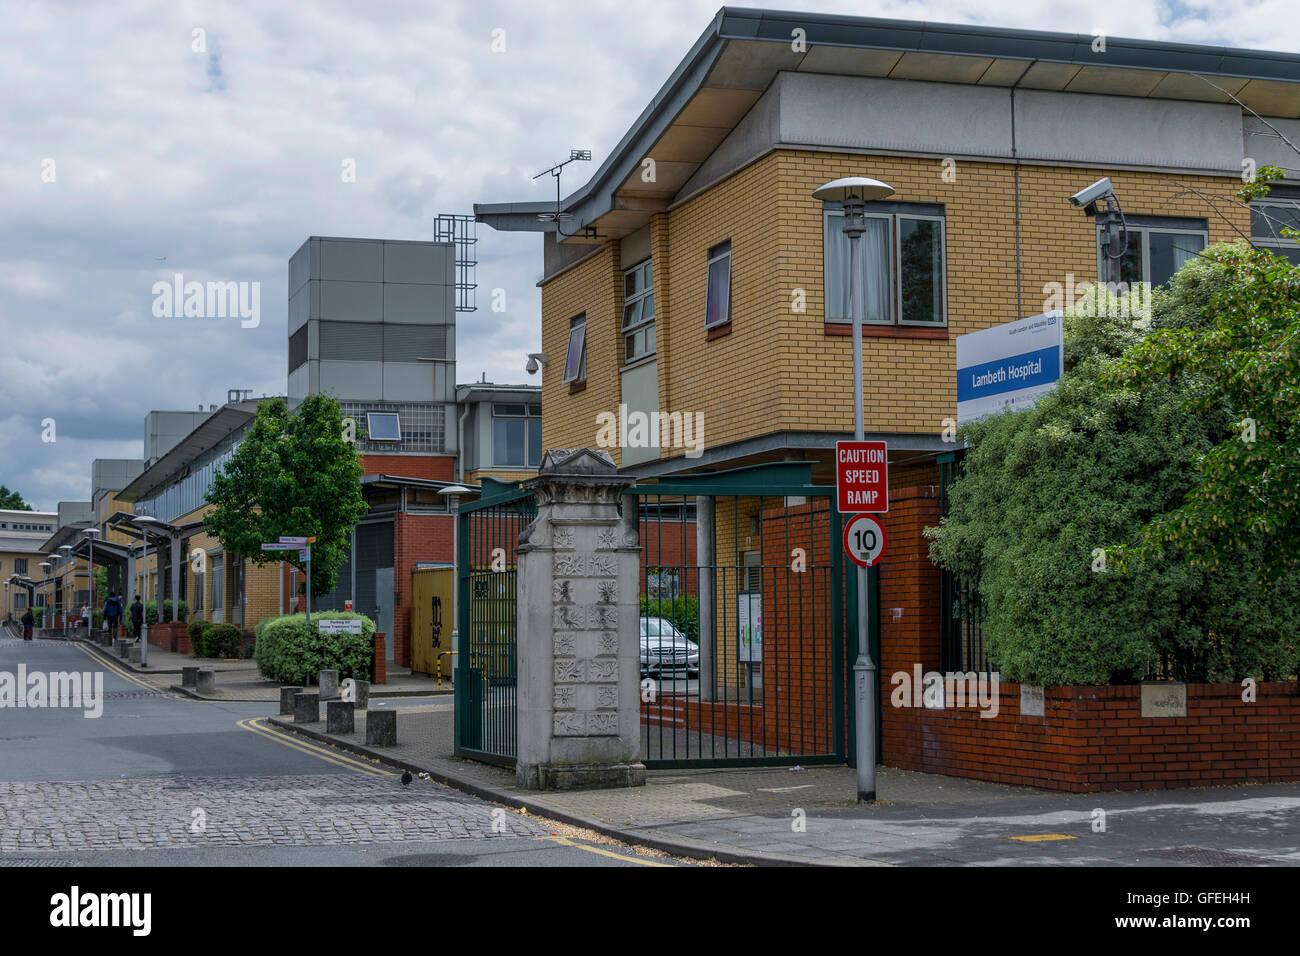 Lambeth ist eine britische psychiatrischen Krankenhaus in Südlondon. Es ist Bestandteil der South London und Stockbild